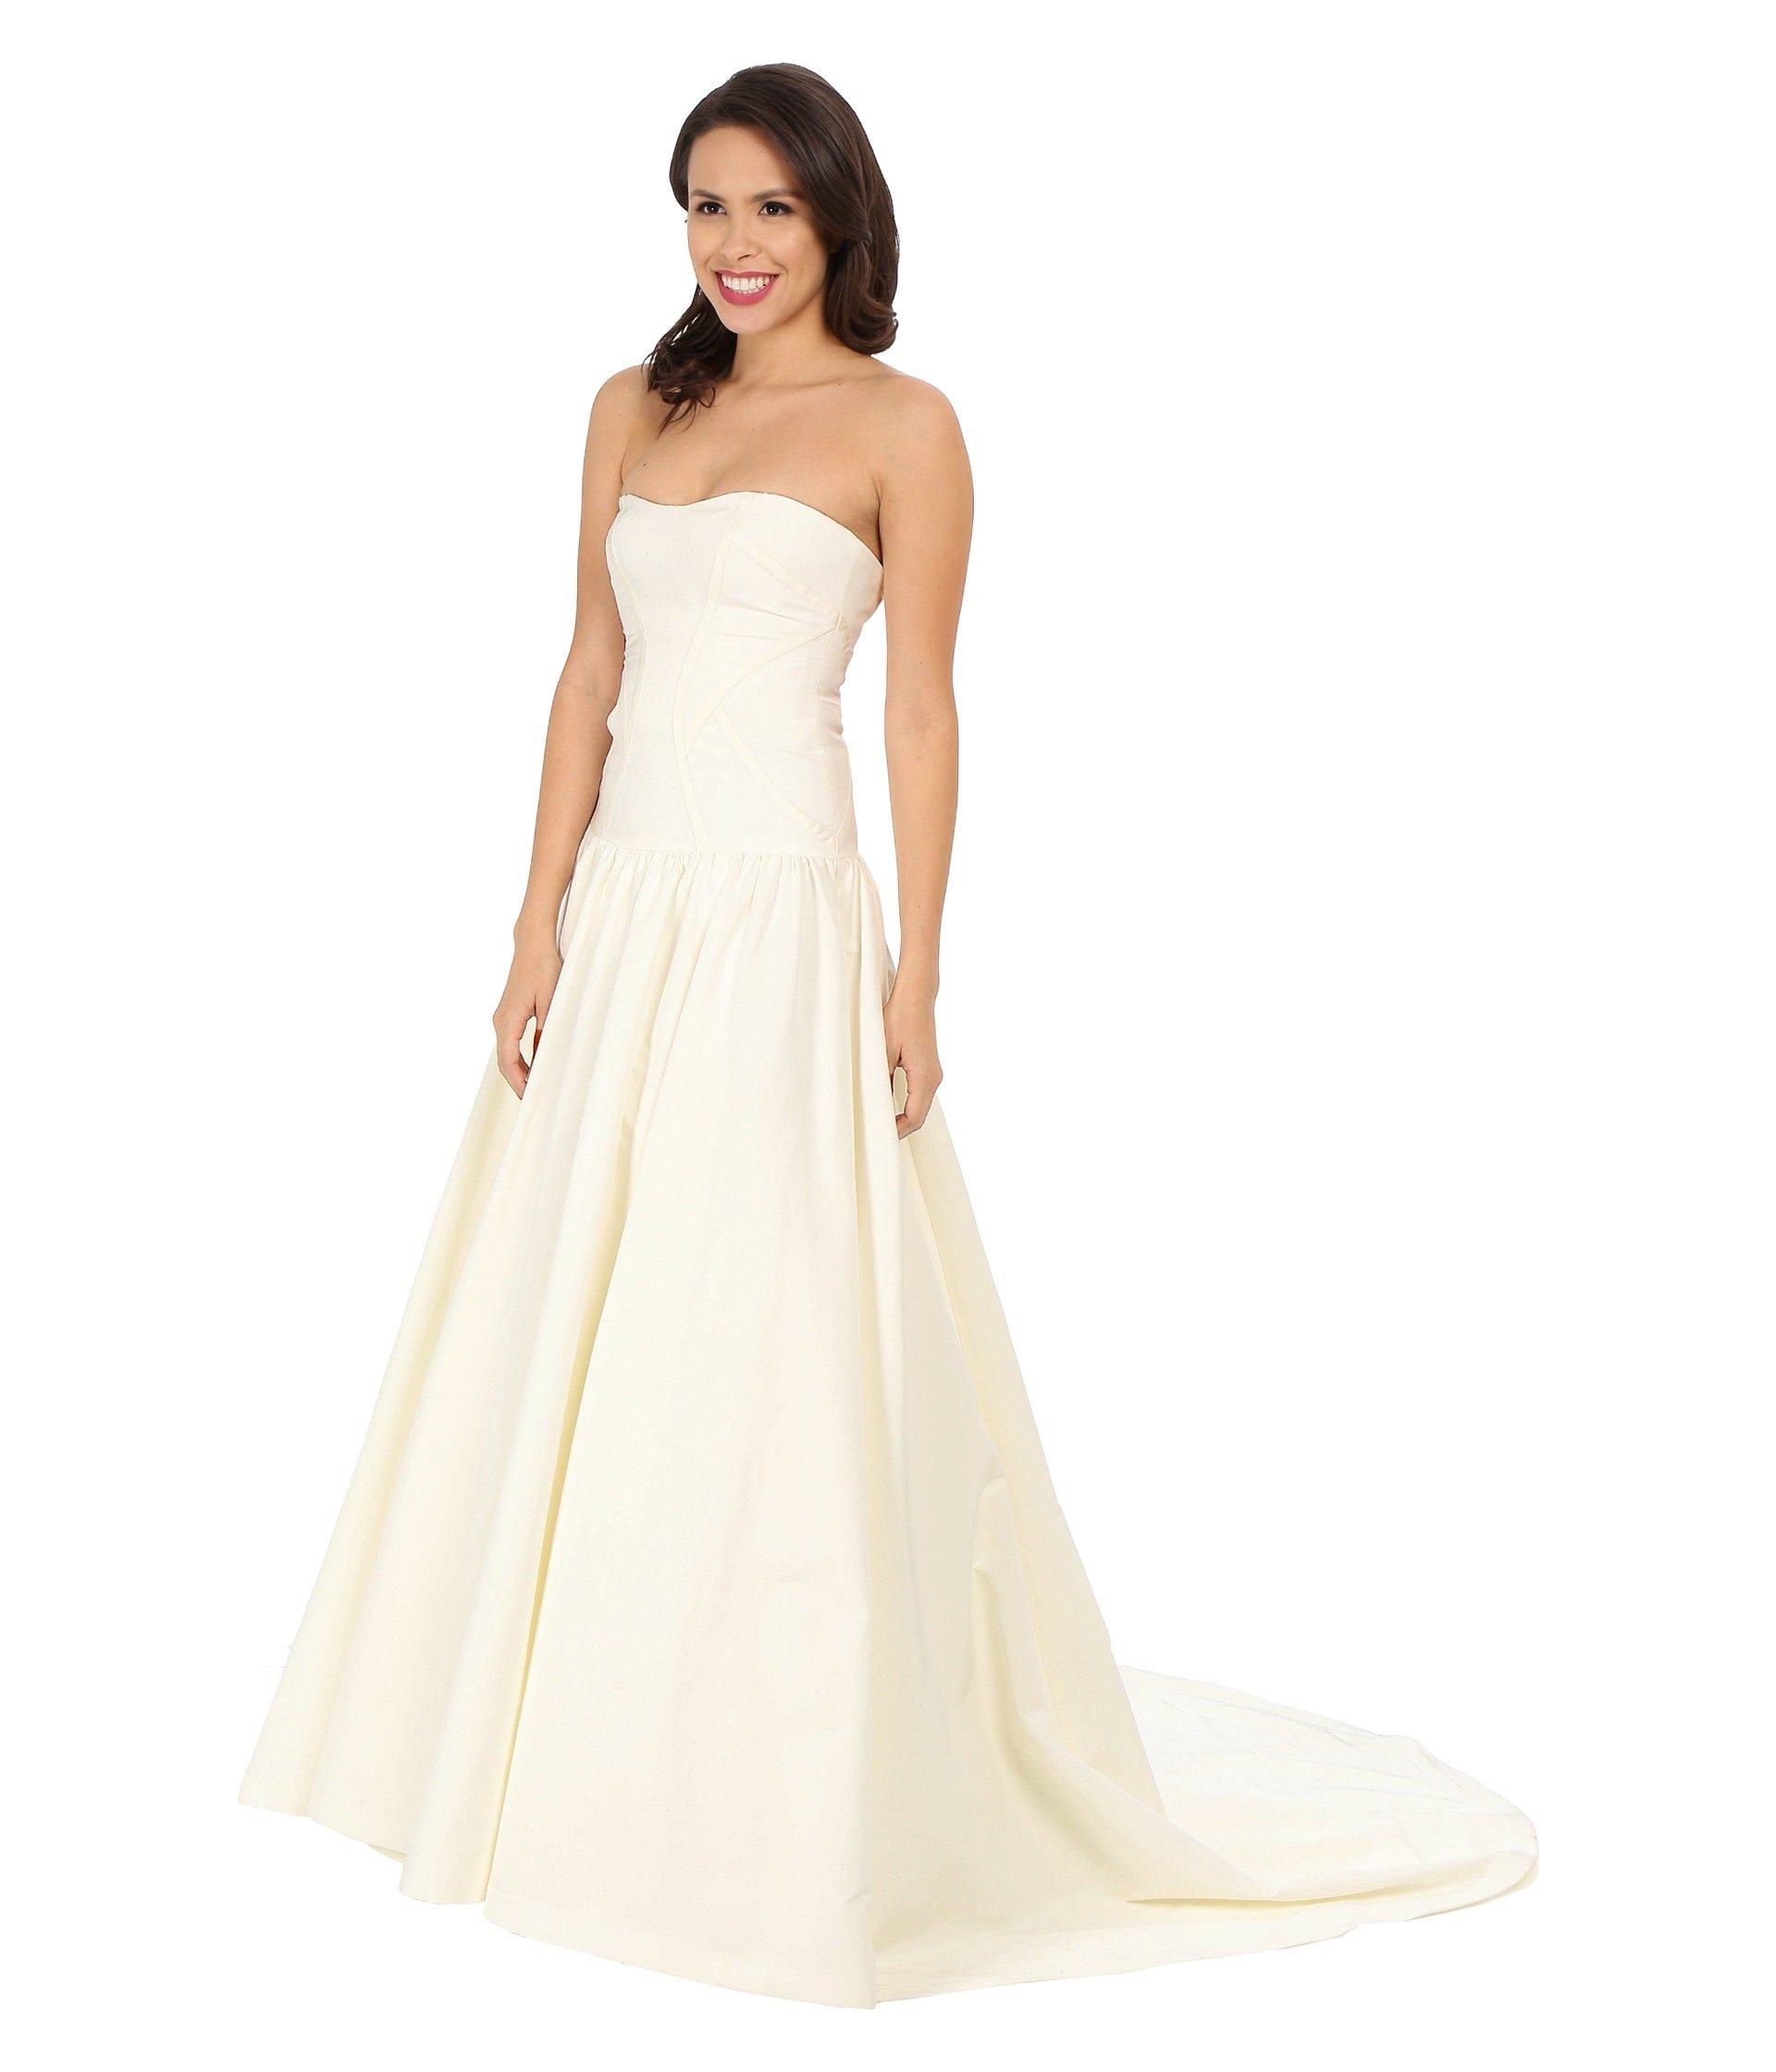 Nicole Miller Silk Faille Wedding Dress - Best Wedding Dress 2017